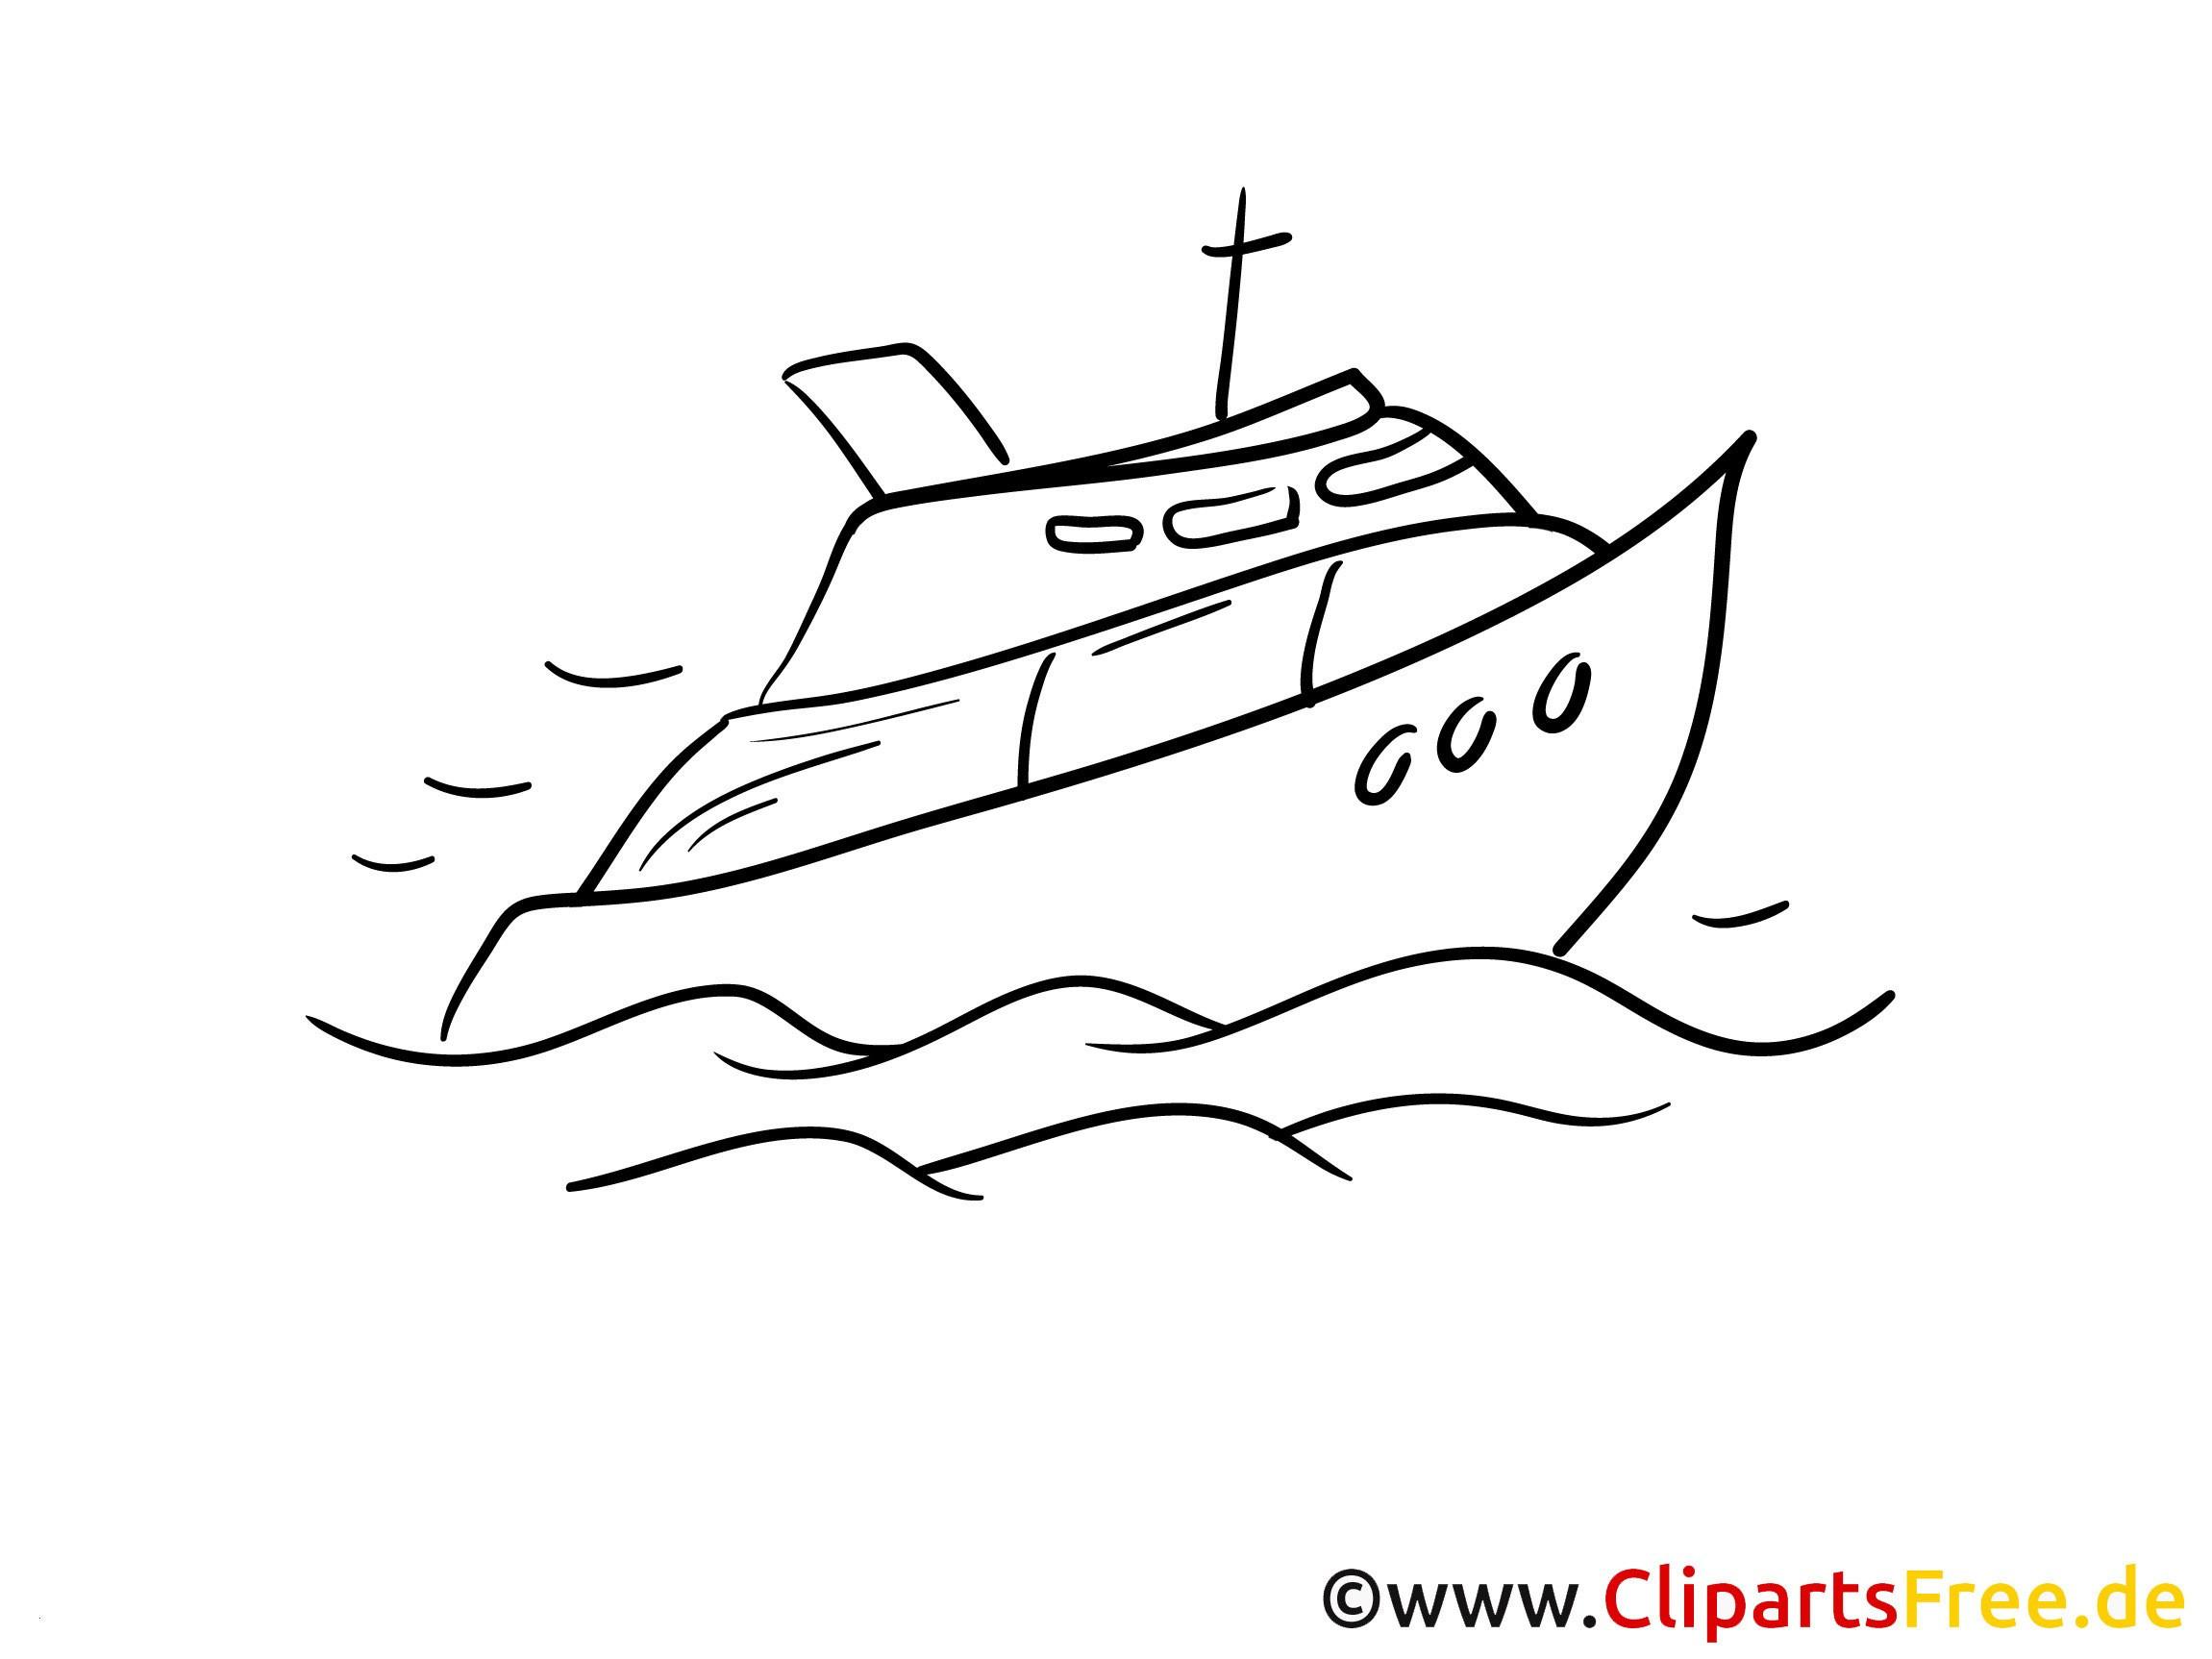 Ausmalbilder U Boot Frisch Malvorlagen U Boot Kostenlos My Blog Innen Ausmalbilder Neu Sammlung